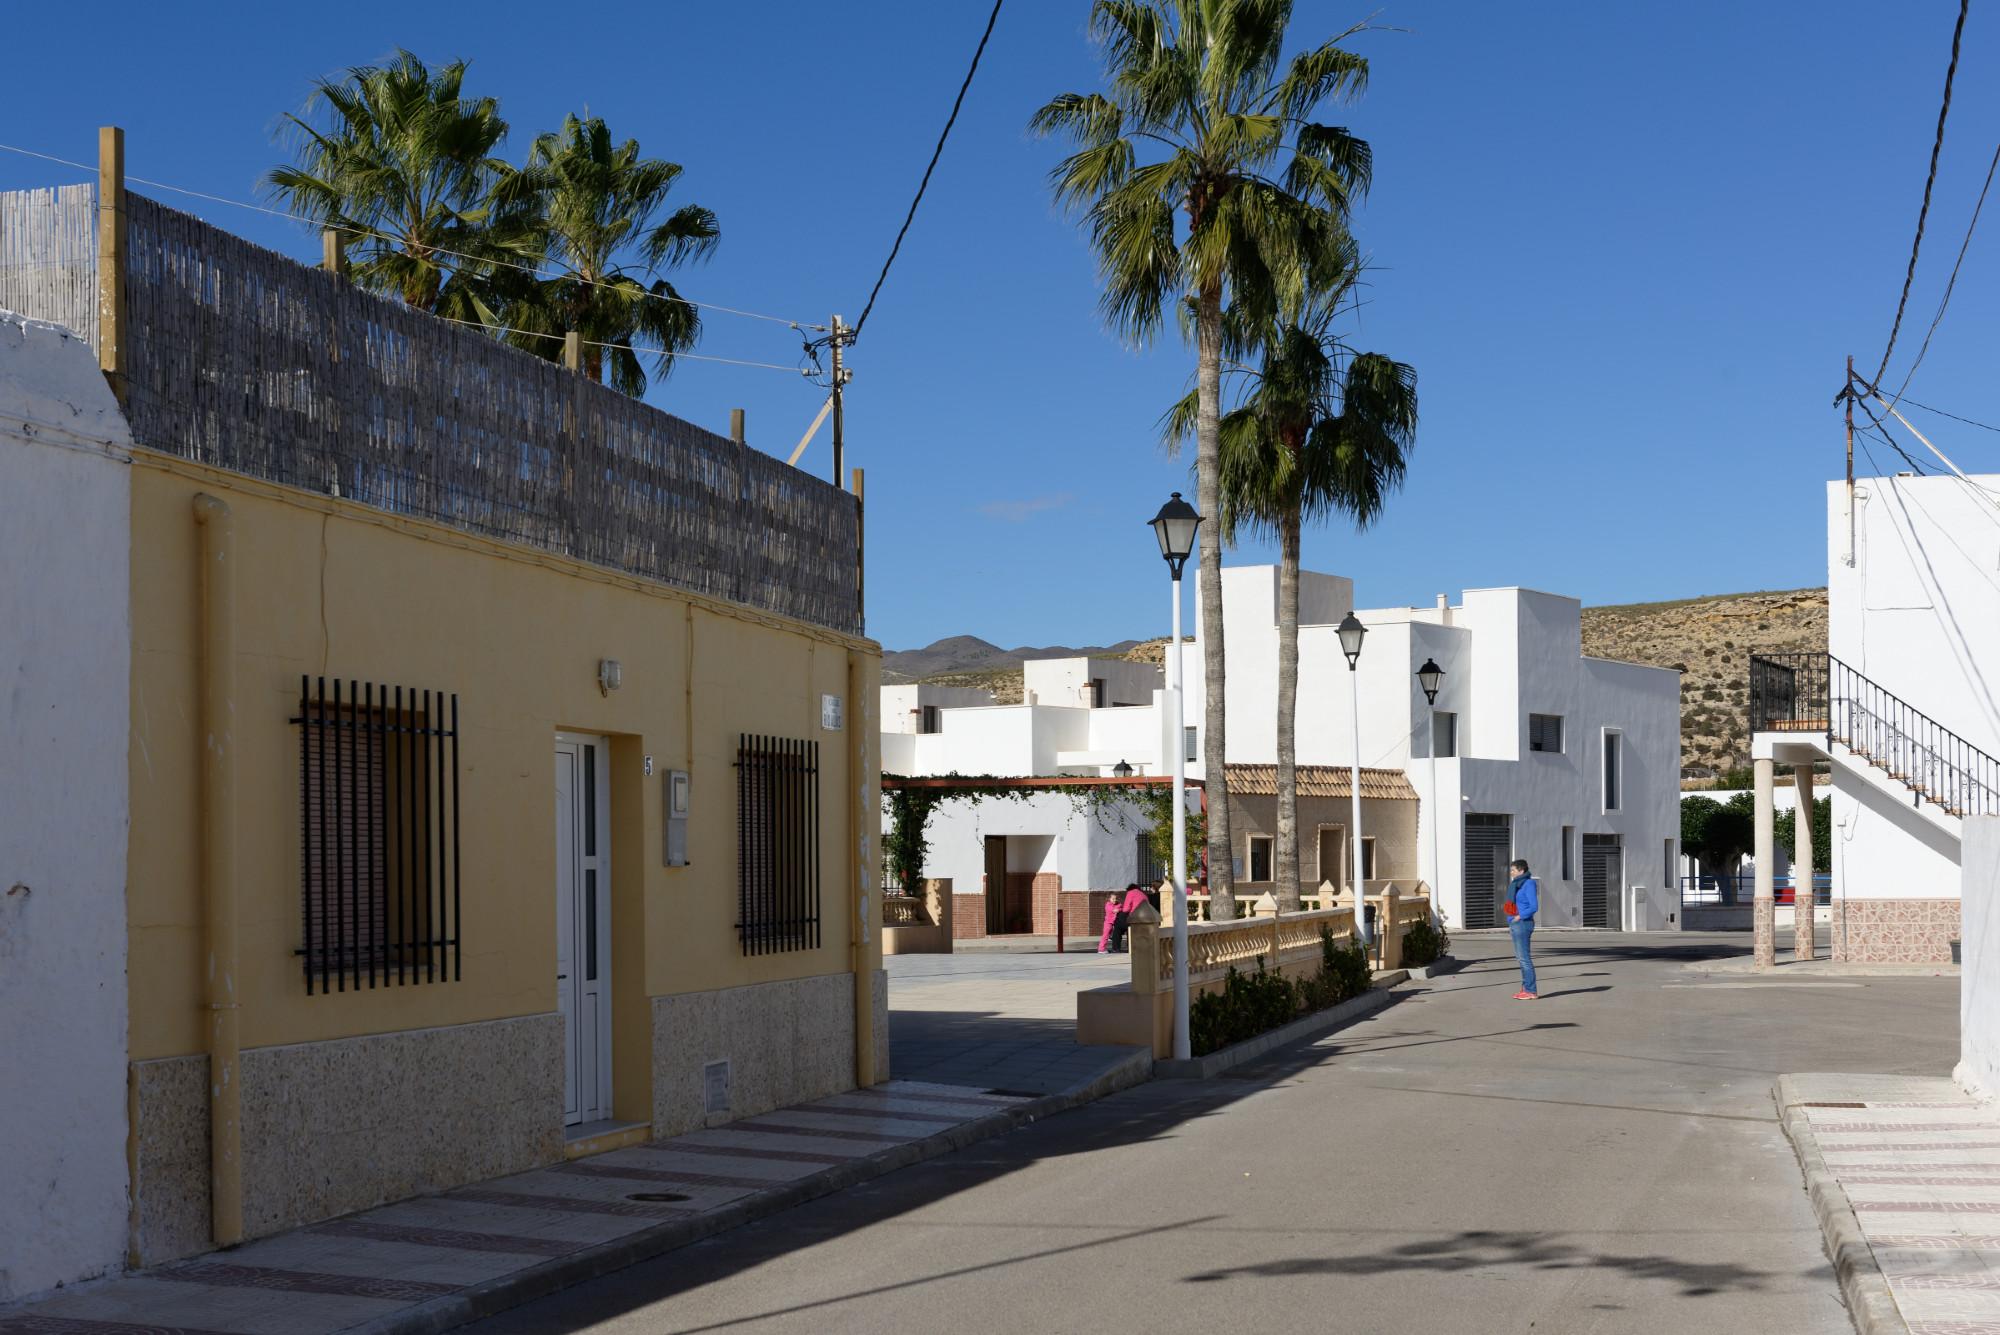 171216-Region Carboneras El Argamason (Cabo de Gata-Andalousie) (11)